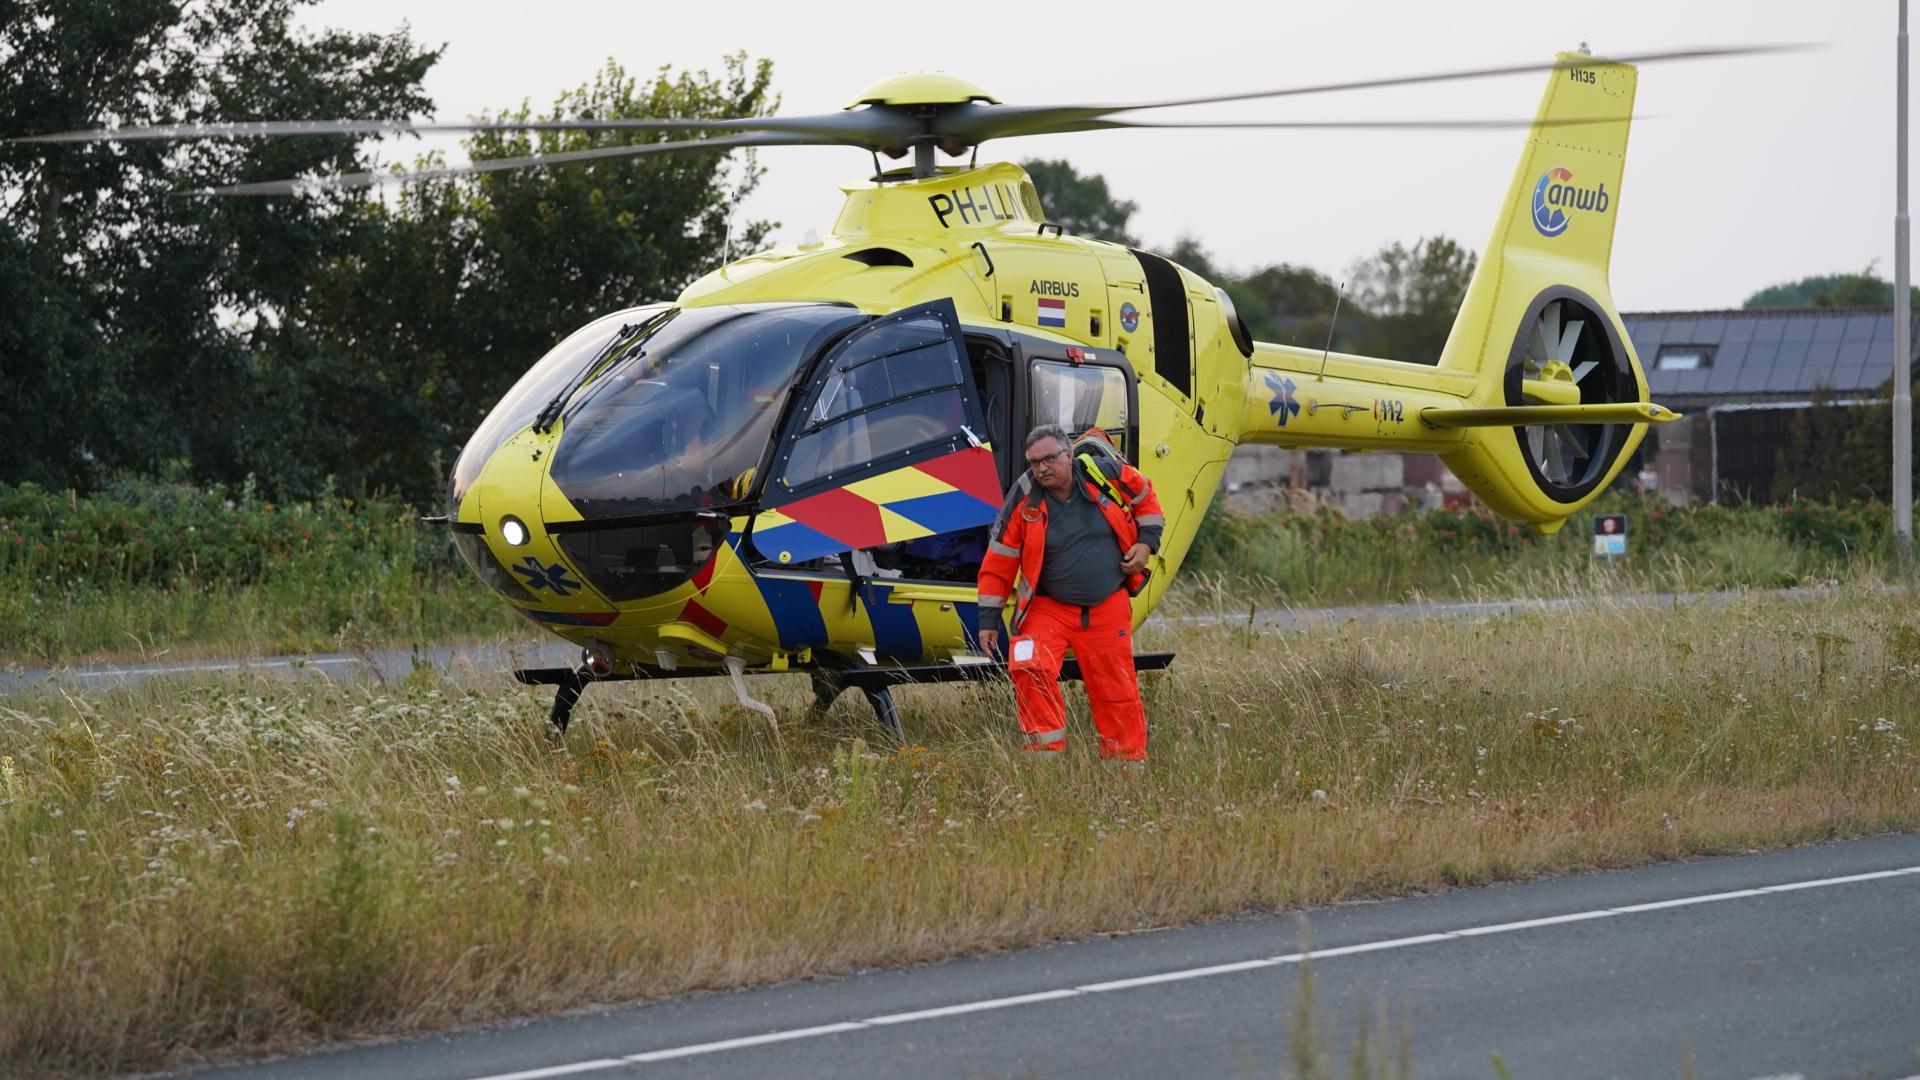 Fietsster zwaargewond bij eenzijdig ongeval in Egmond-Binnen, traumahelikopter ter plaatse